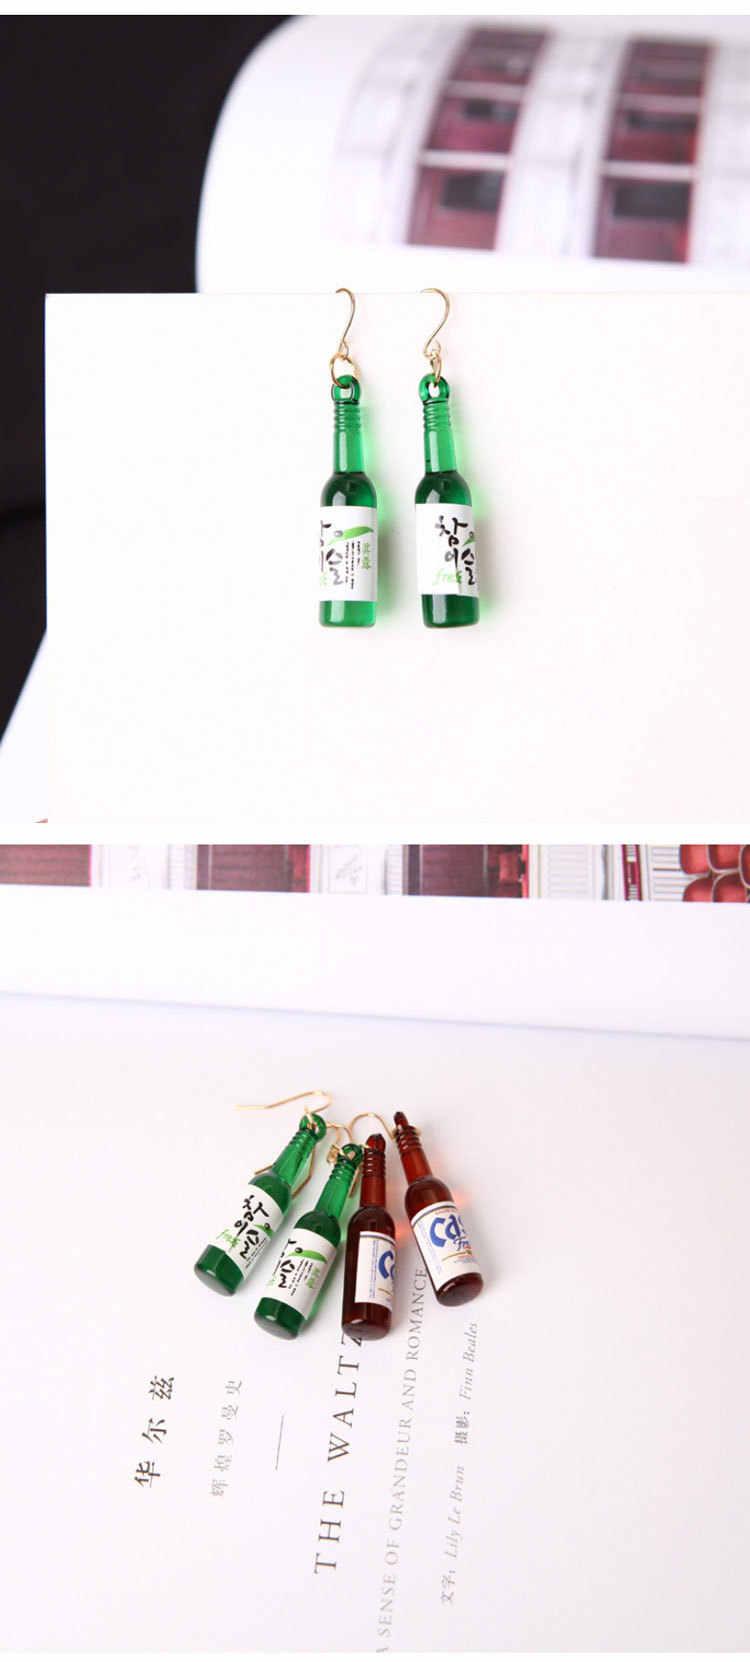 ファッション新しいスタイル樹脂偽ガラスビールボトルイヤリング用女性ブークレドールペンドオレイルファッション韓国スタッドピアスジュエリーpendient